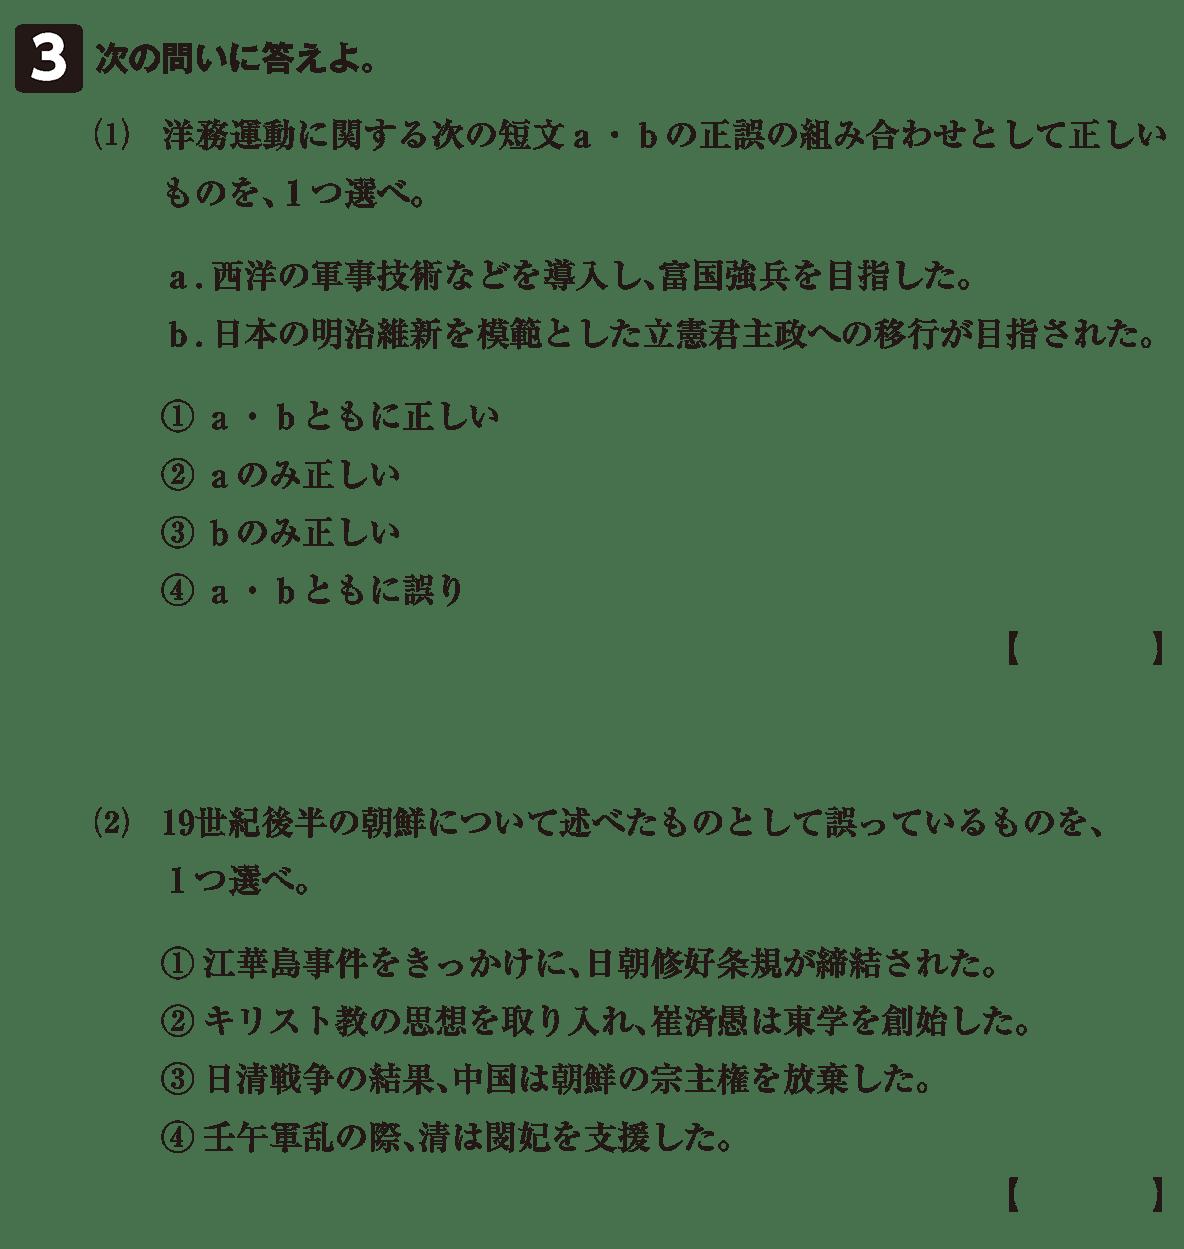 中国と朝鮮の植民地化6 確認テスト(後半)